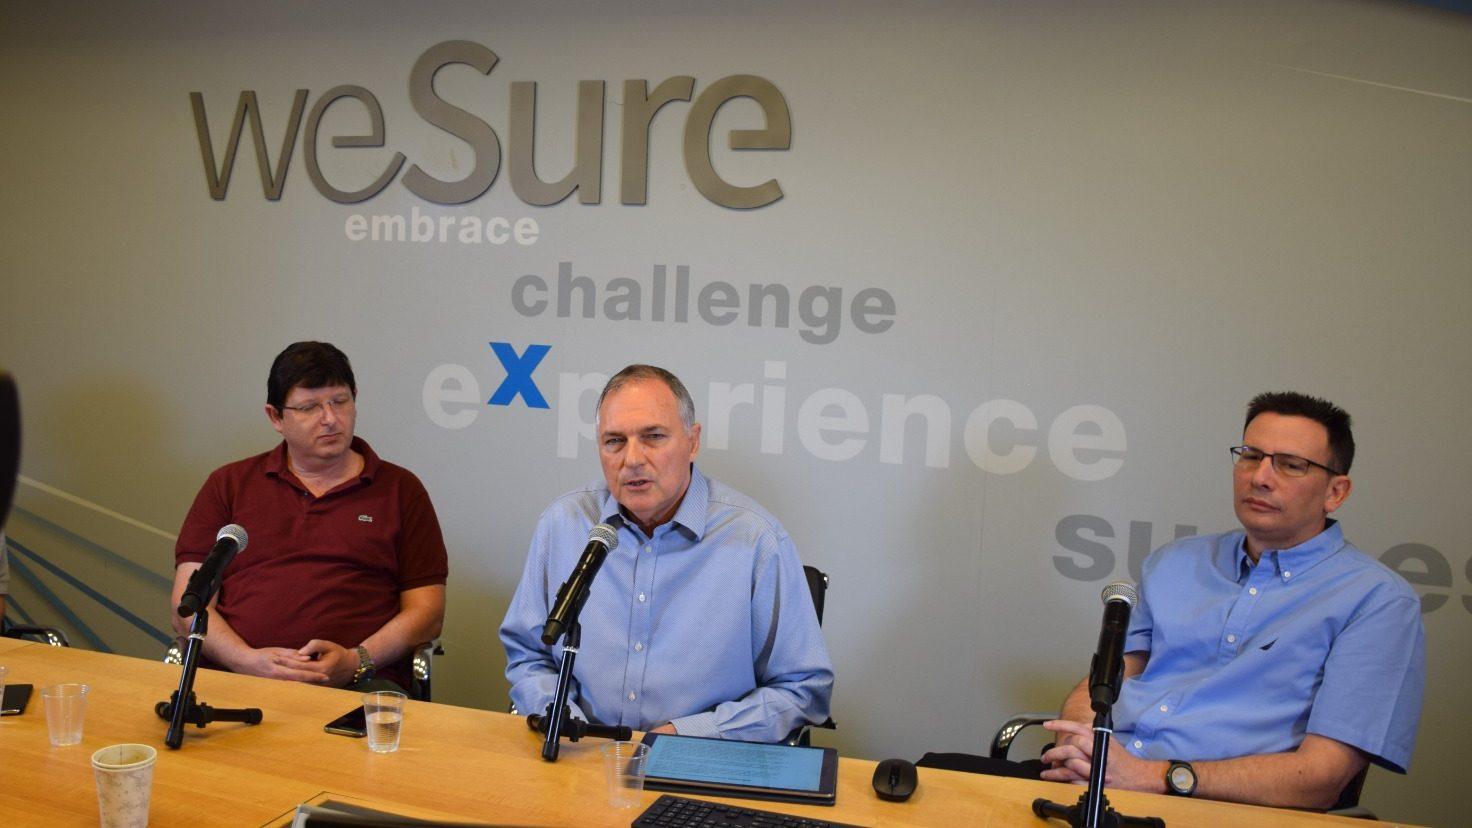 Wesure השיקה את ביטוחי הדירות ומתכננת למכור ביטוחים מחוץ לישראל כבר ב-2021